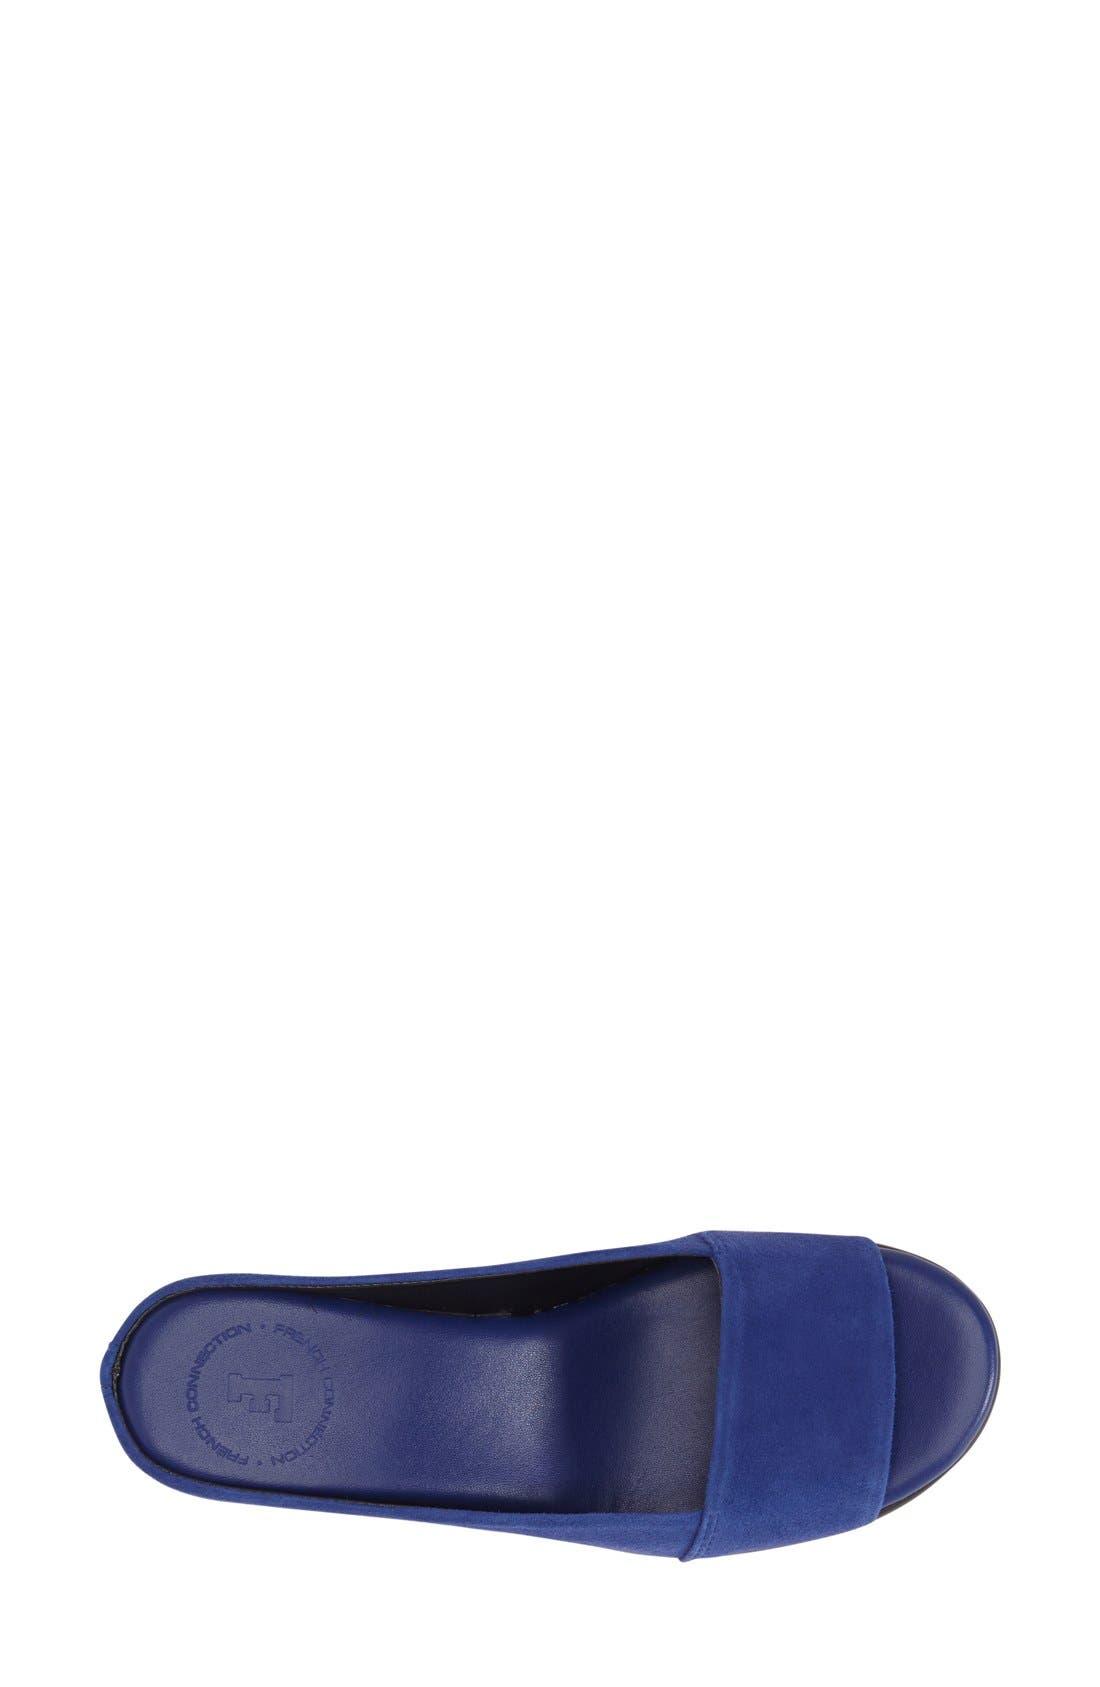 Alternate Image 3  - French Connection 'Pepper' Slip-On Platform Sandal (Women)